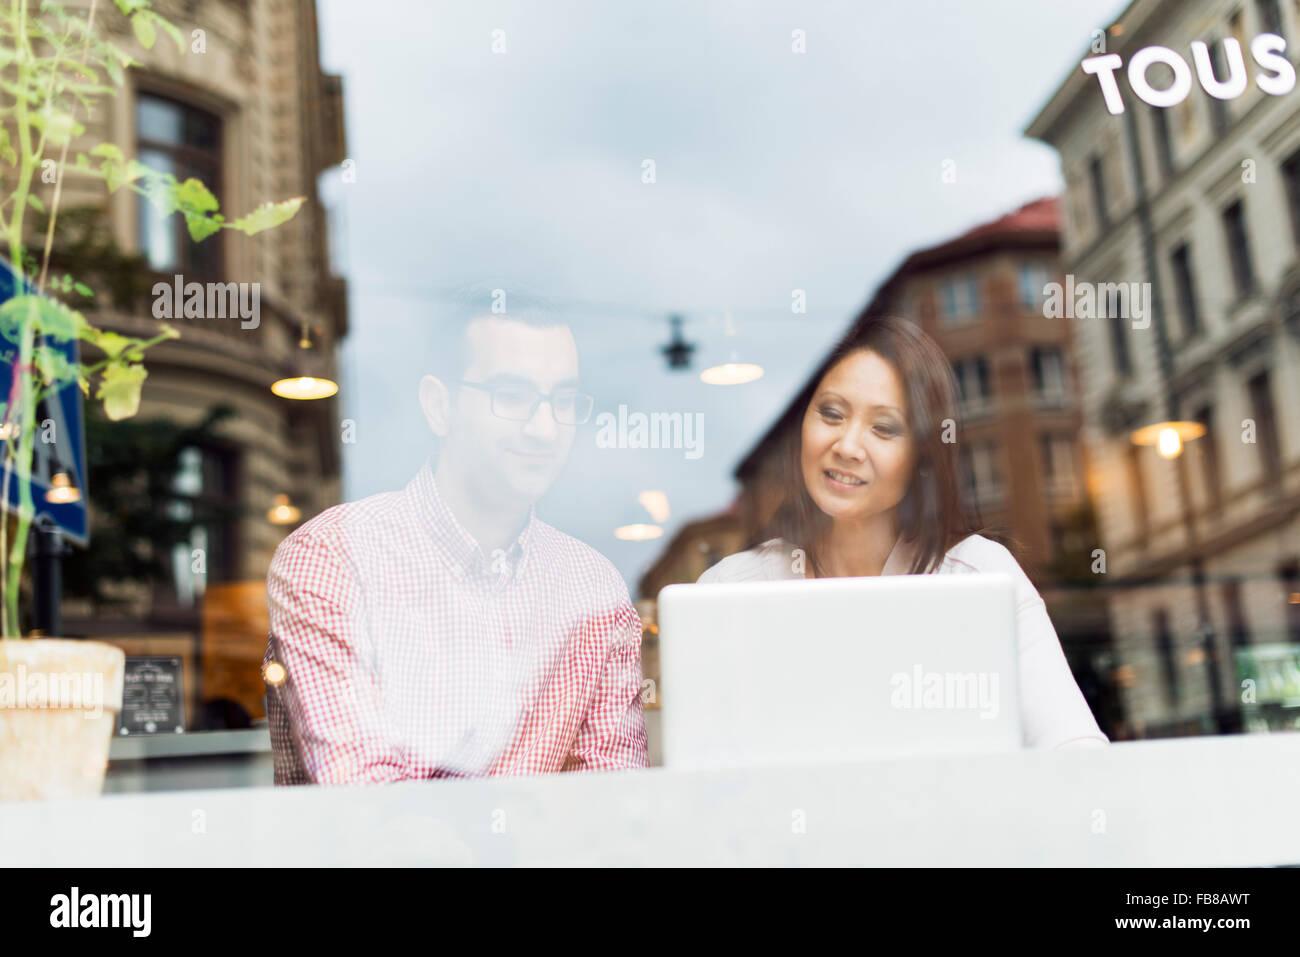 Uppland Suecia, Estocolmo, hombre y mujer hablando en cafe Imagen De Stock